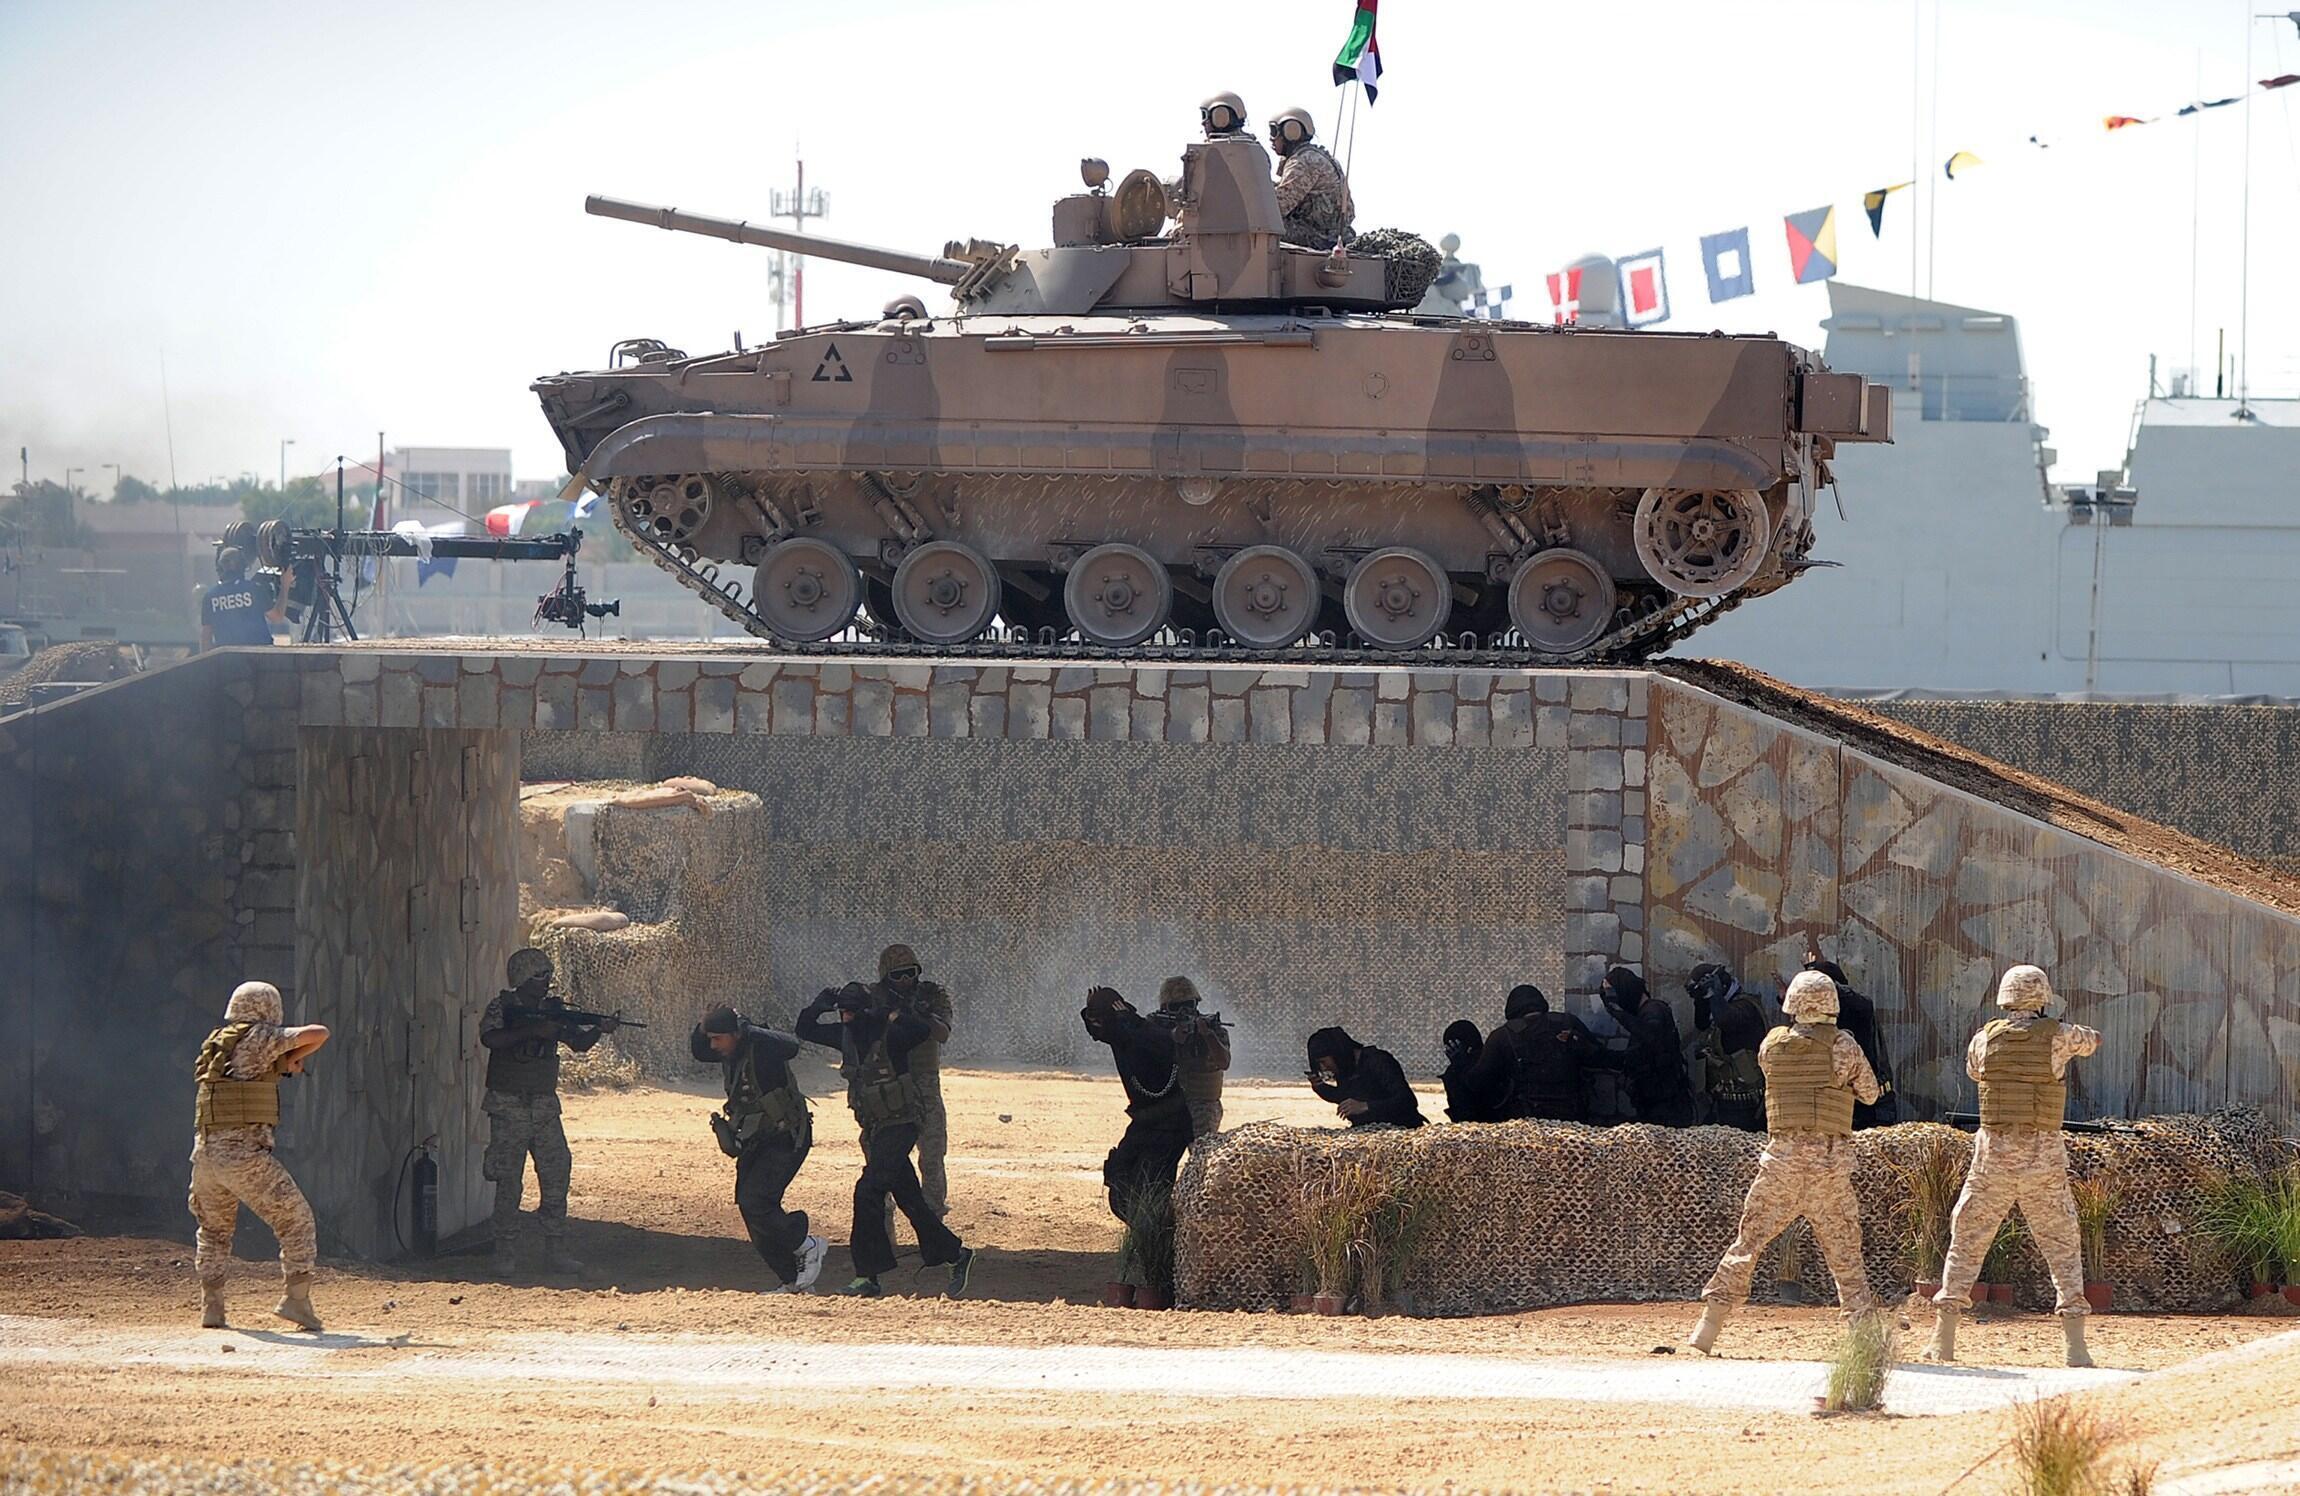 Военнослужащие ОАЭ на открытии салона вооружений, Абу-Даби, февраль 2013 г.